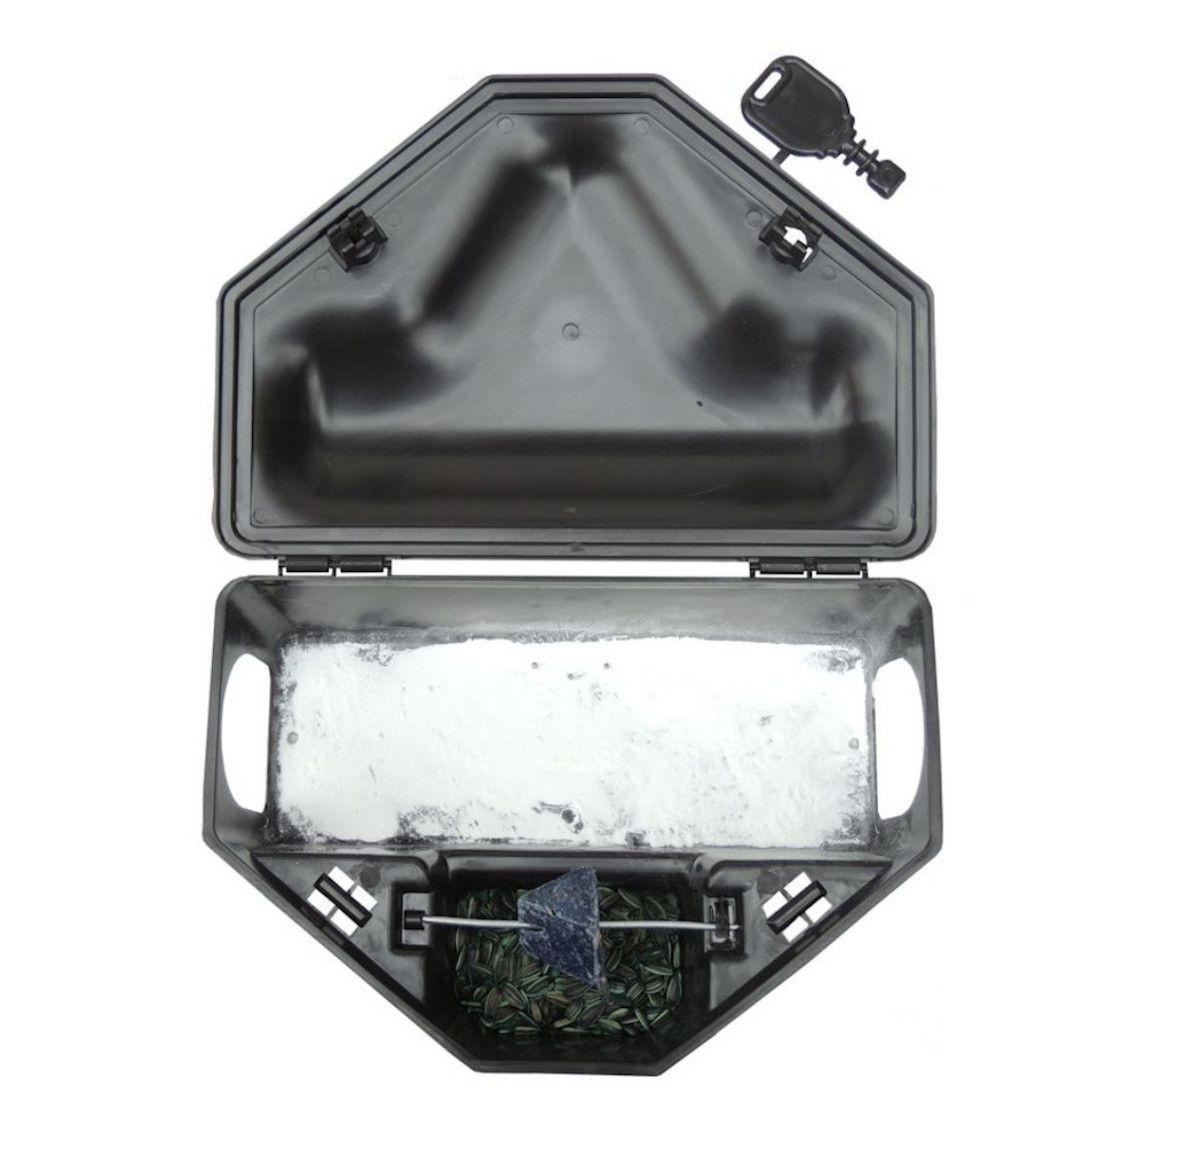 Kit 100 Porta Iscas Com 2 Chave Para Ratos